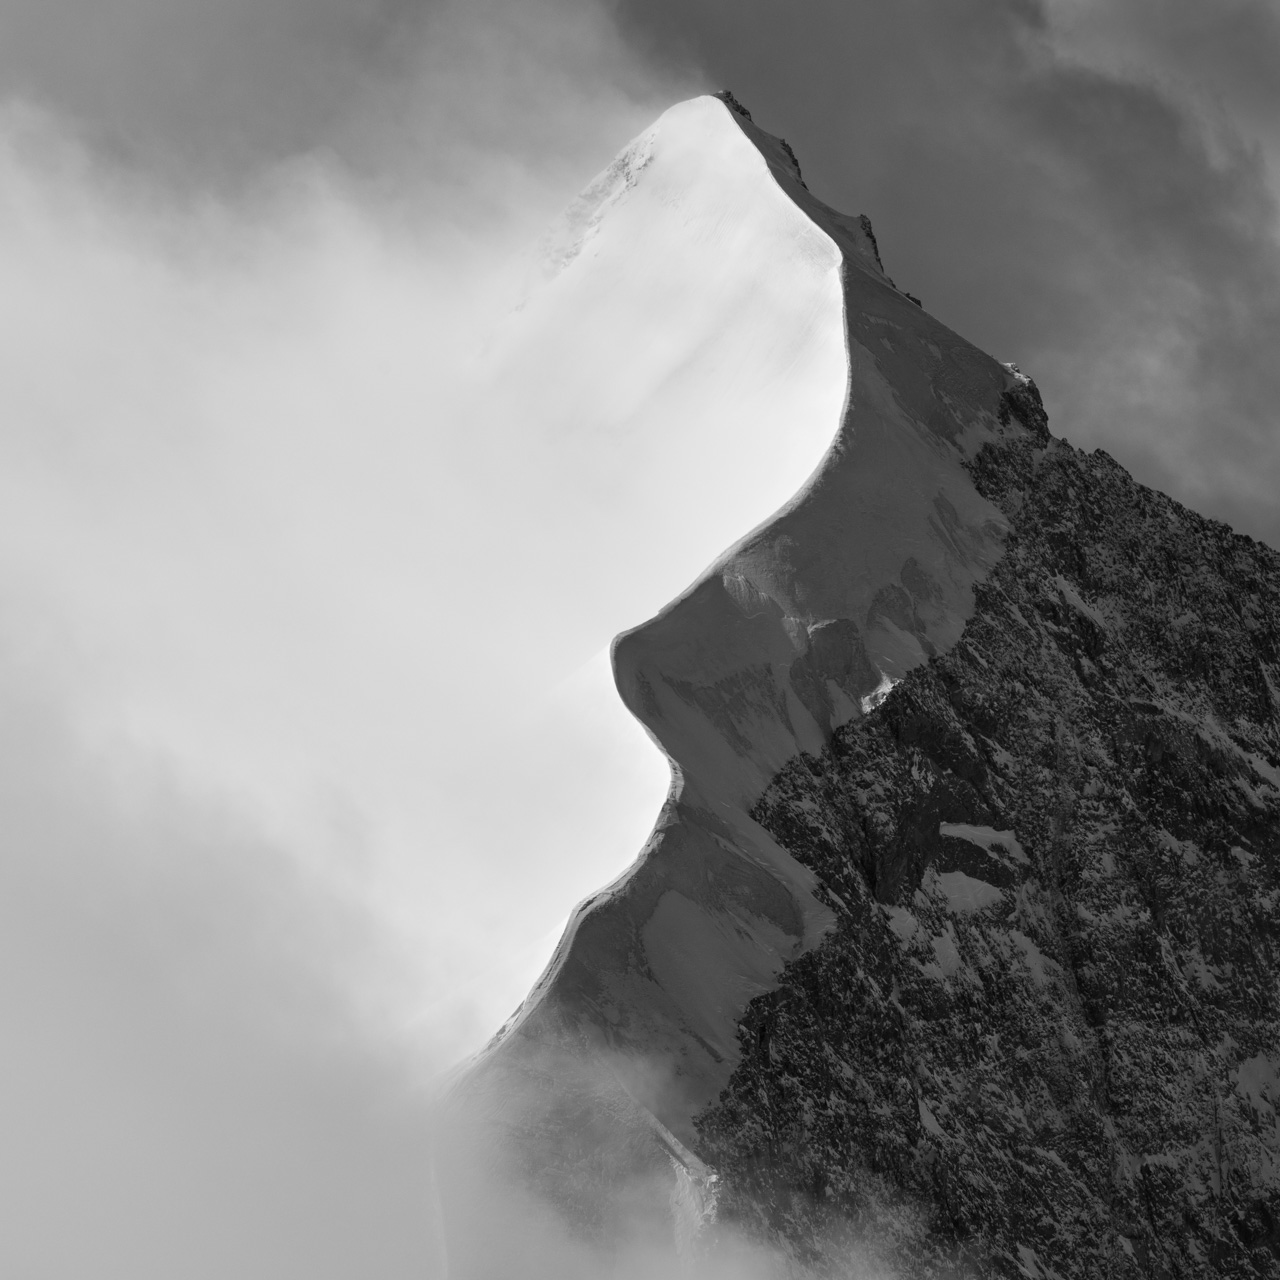 image montagne noir et blanc - photo paysage montagne - tableau montagne suisse - montagne enneigée - vallée de l'Engadine photo